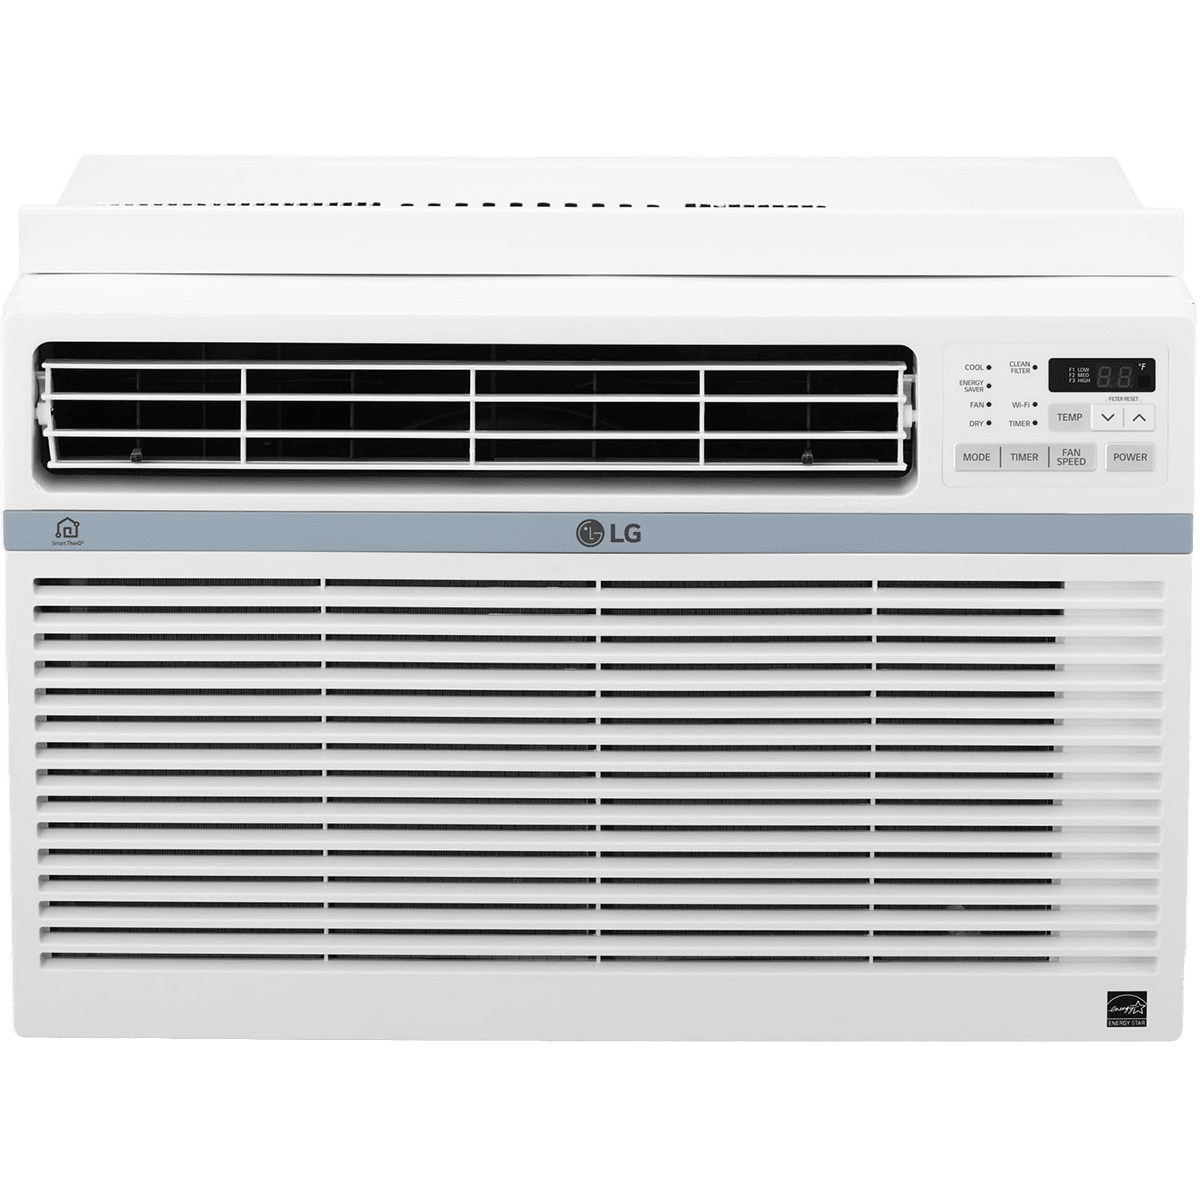 LG LW1217ERSM 12,000 BTU Window AC w| Wi-Fi Controls